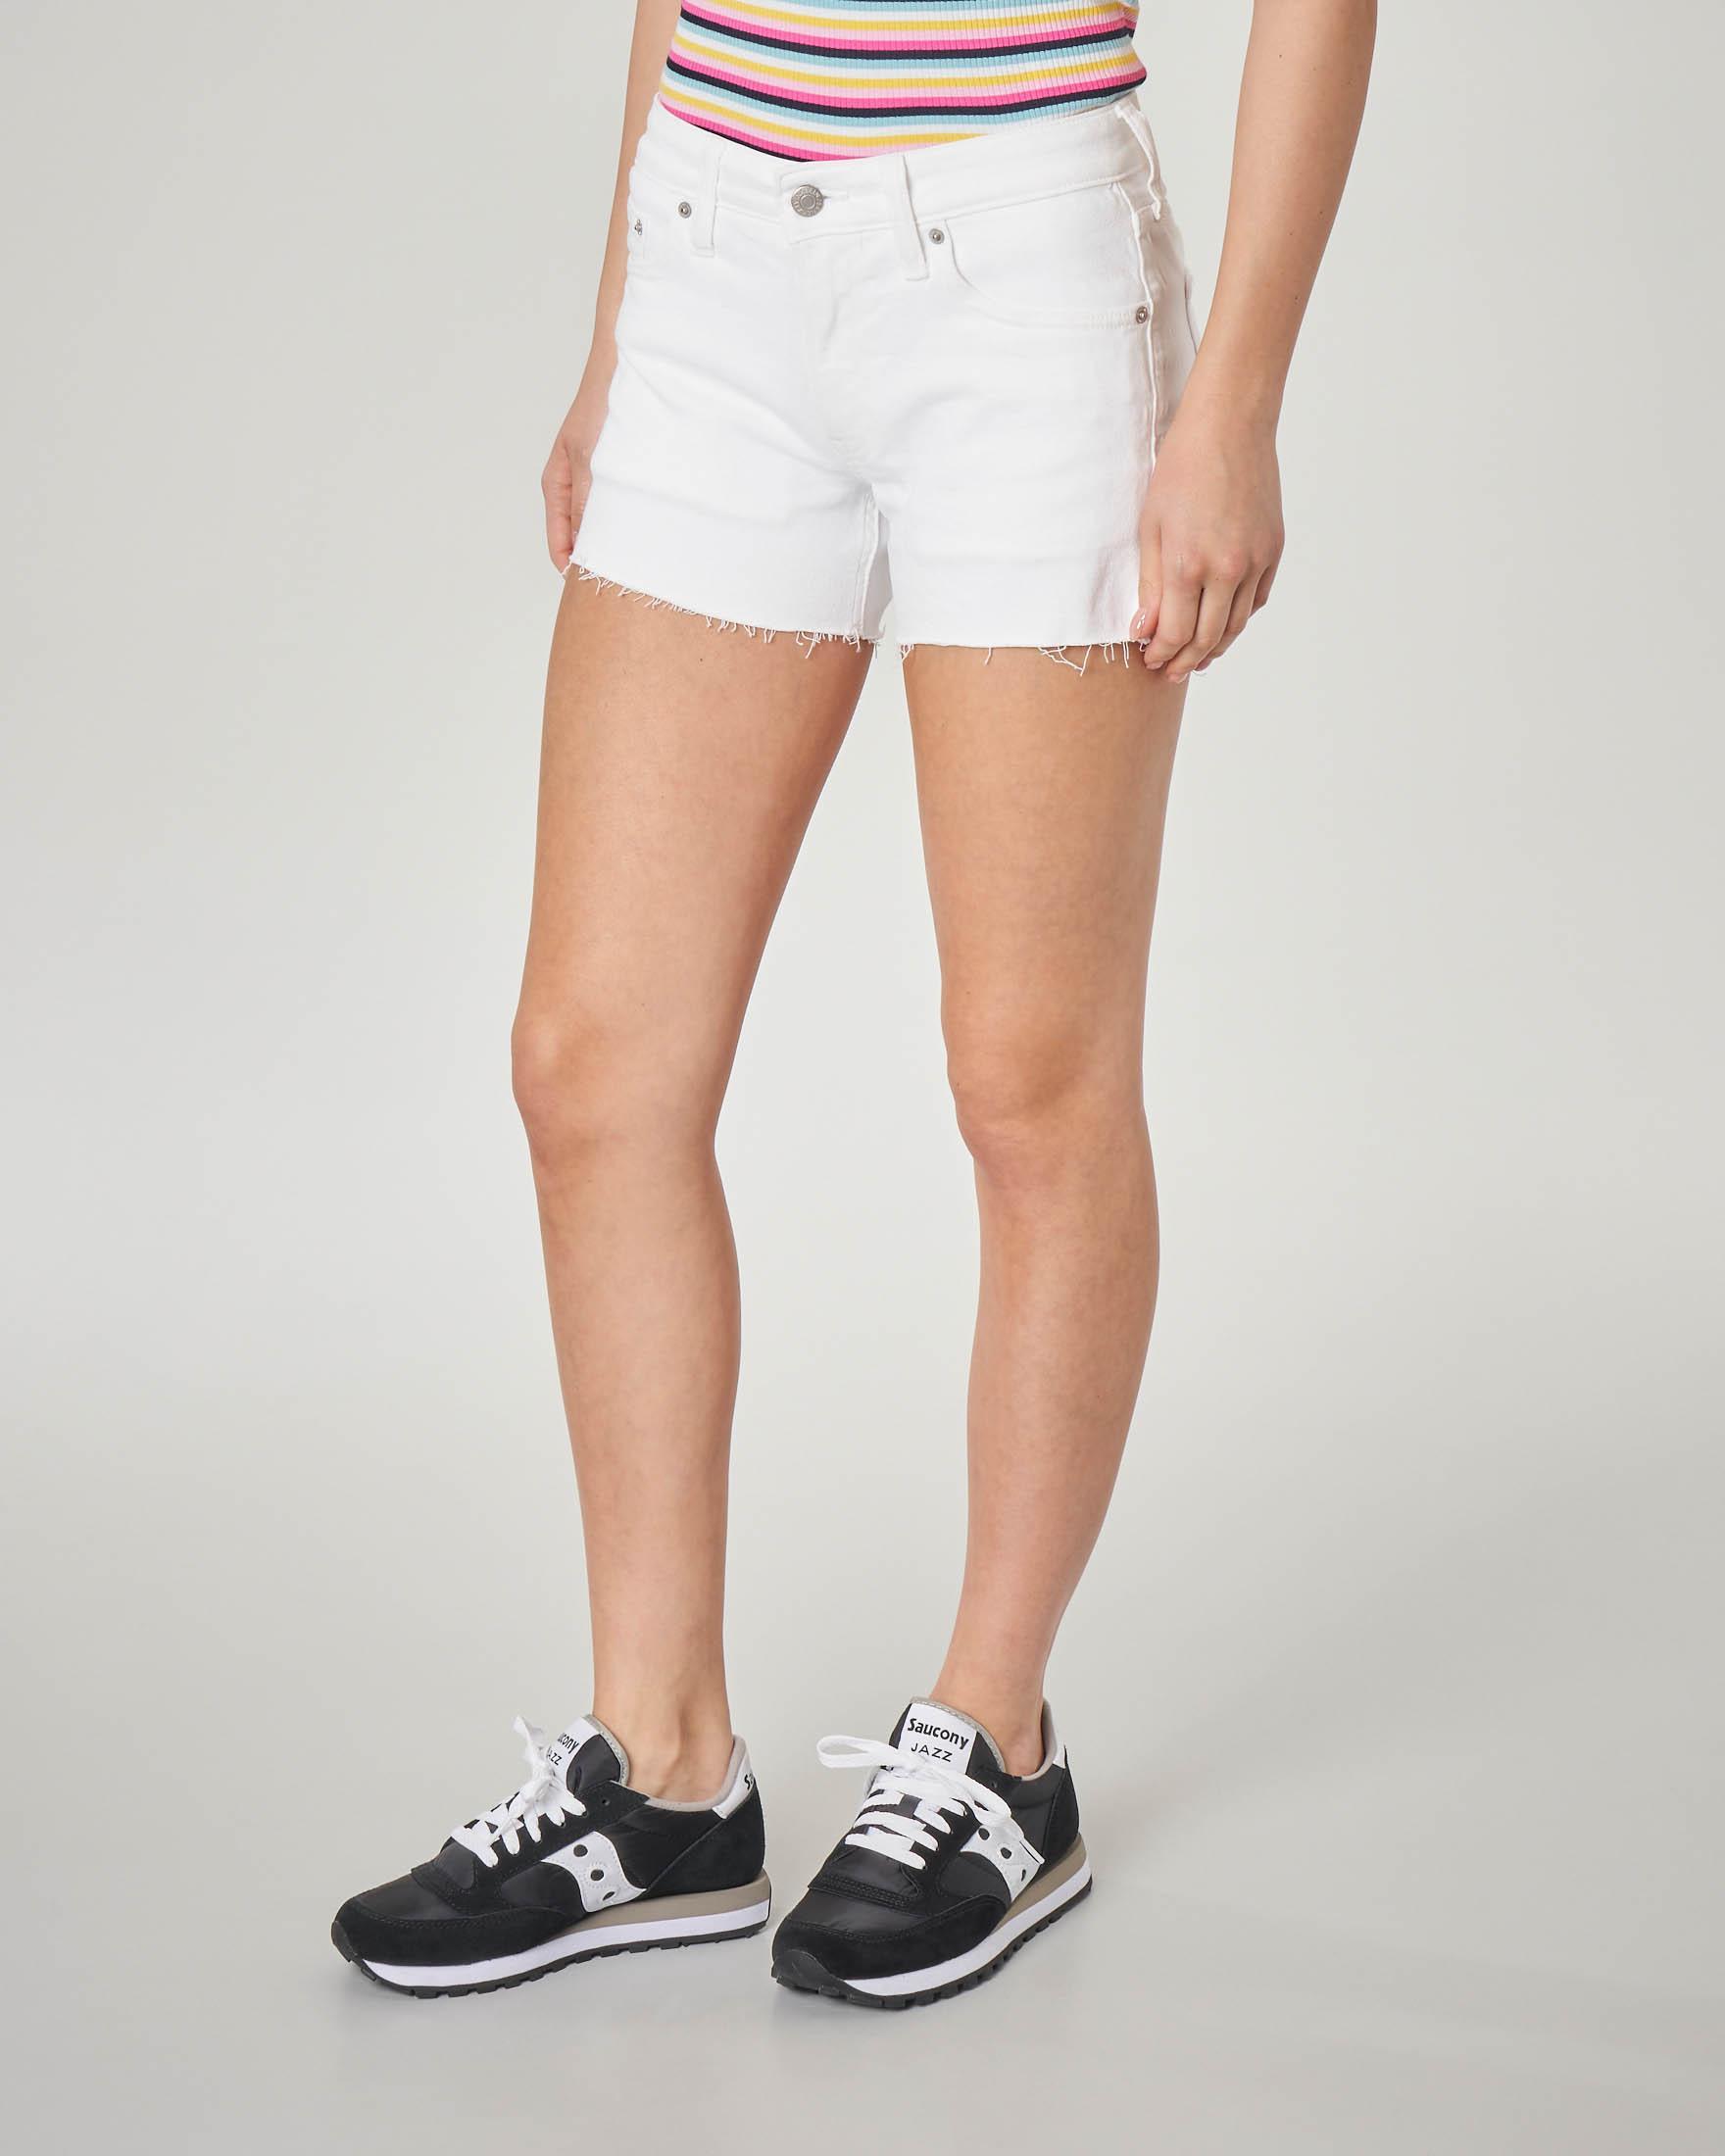 Shorts in denim bianchi con scritta logo ricamata sulla gamba